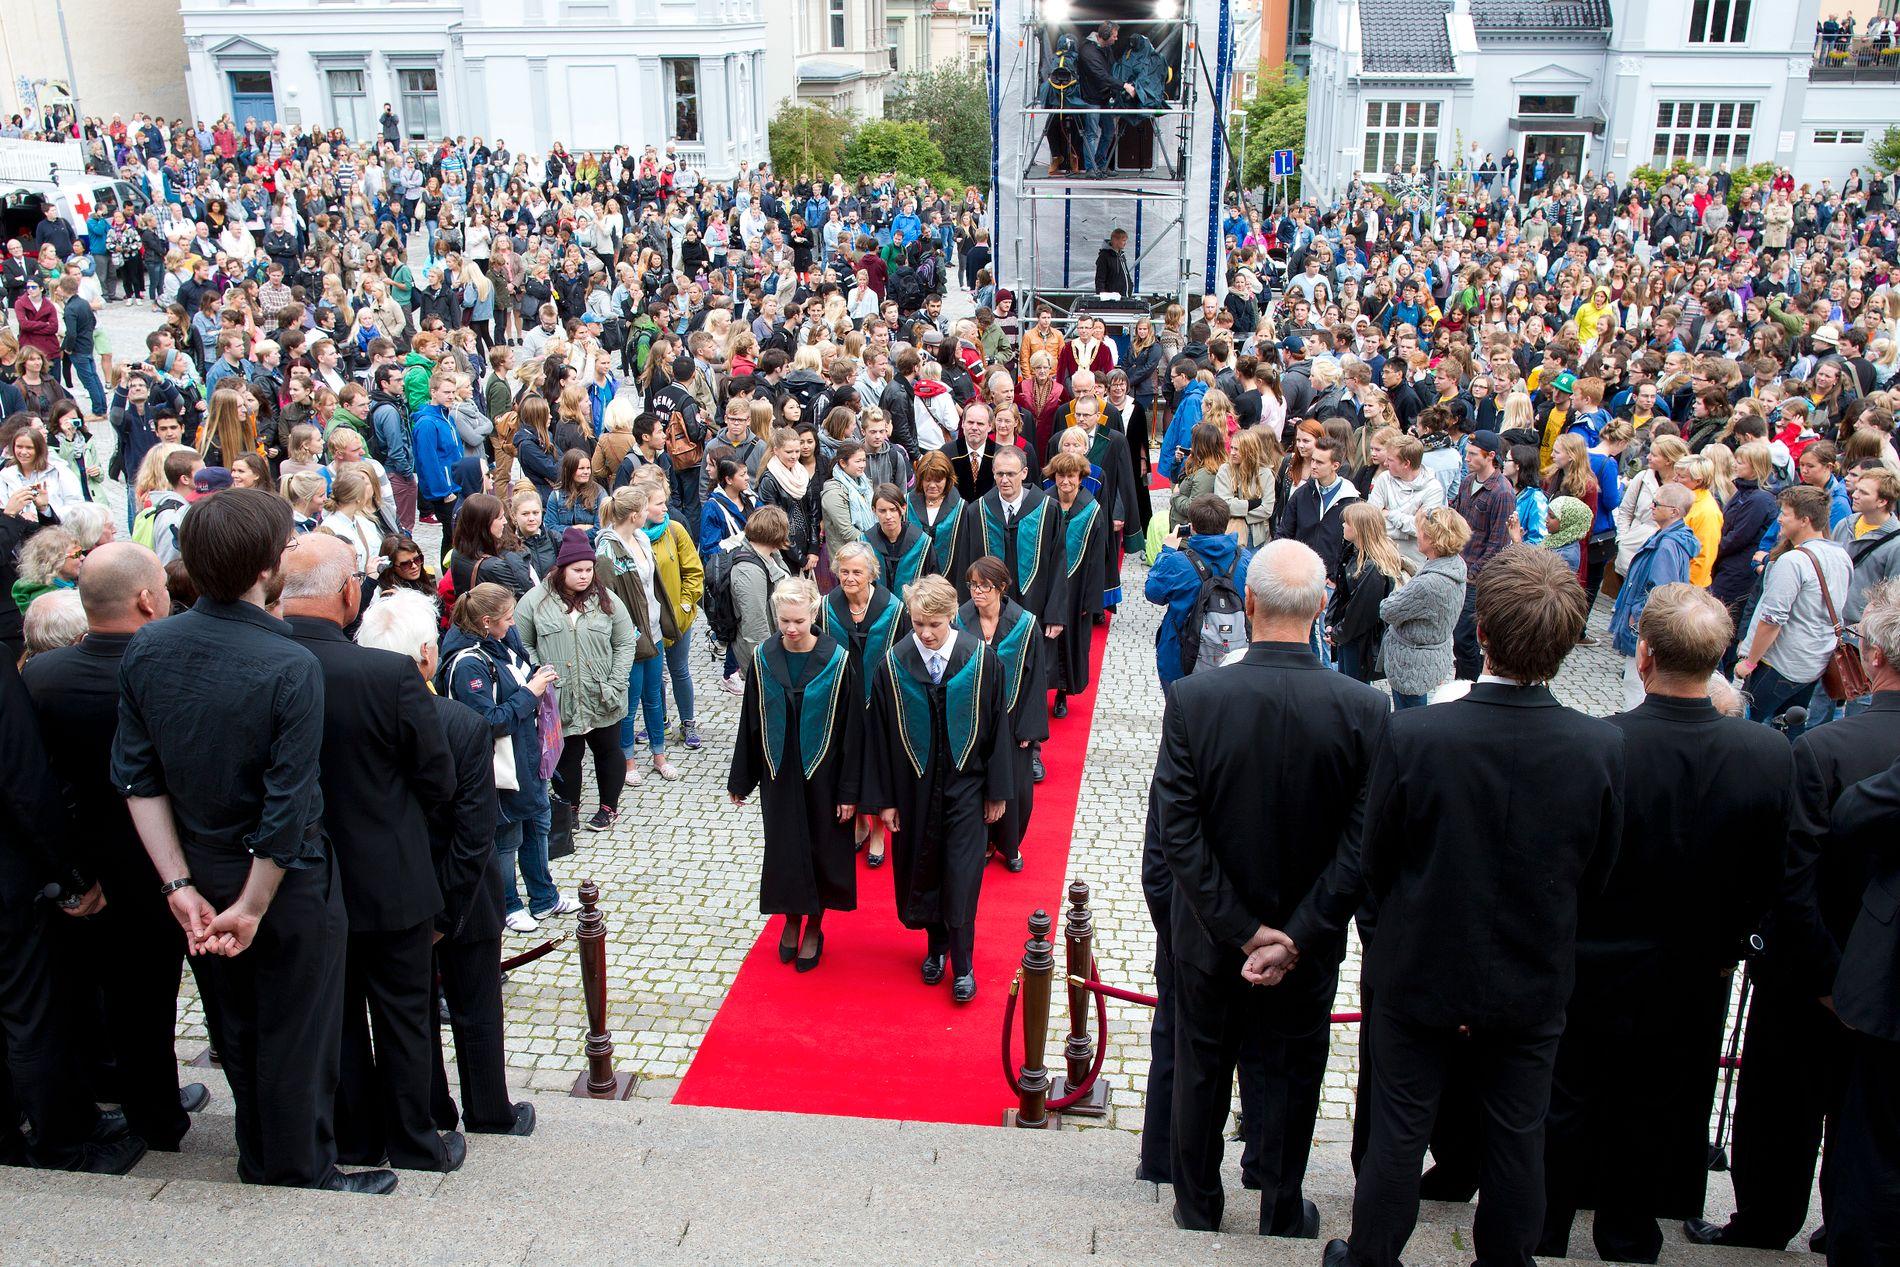 KONKURRANSE: For at de beste studentene skal velge Bergen, er vi avhengig av et godt utdanningstilbud og en attraktiv og levende by, mener innsenderne. Bildet er fra åpningen av studieåret 2013 på Muséplassen.